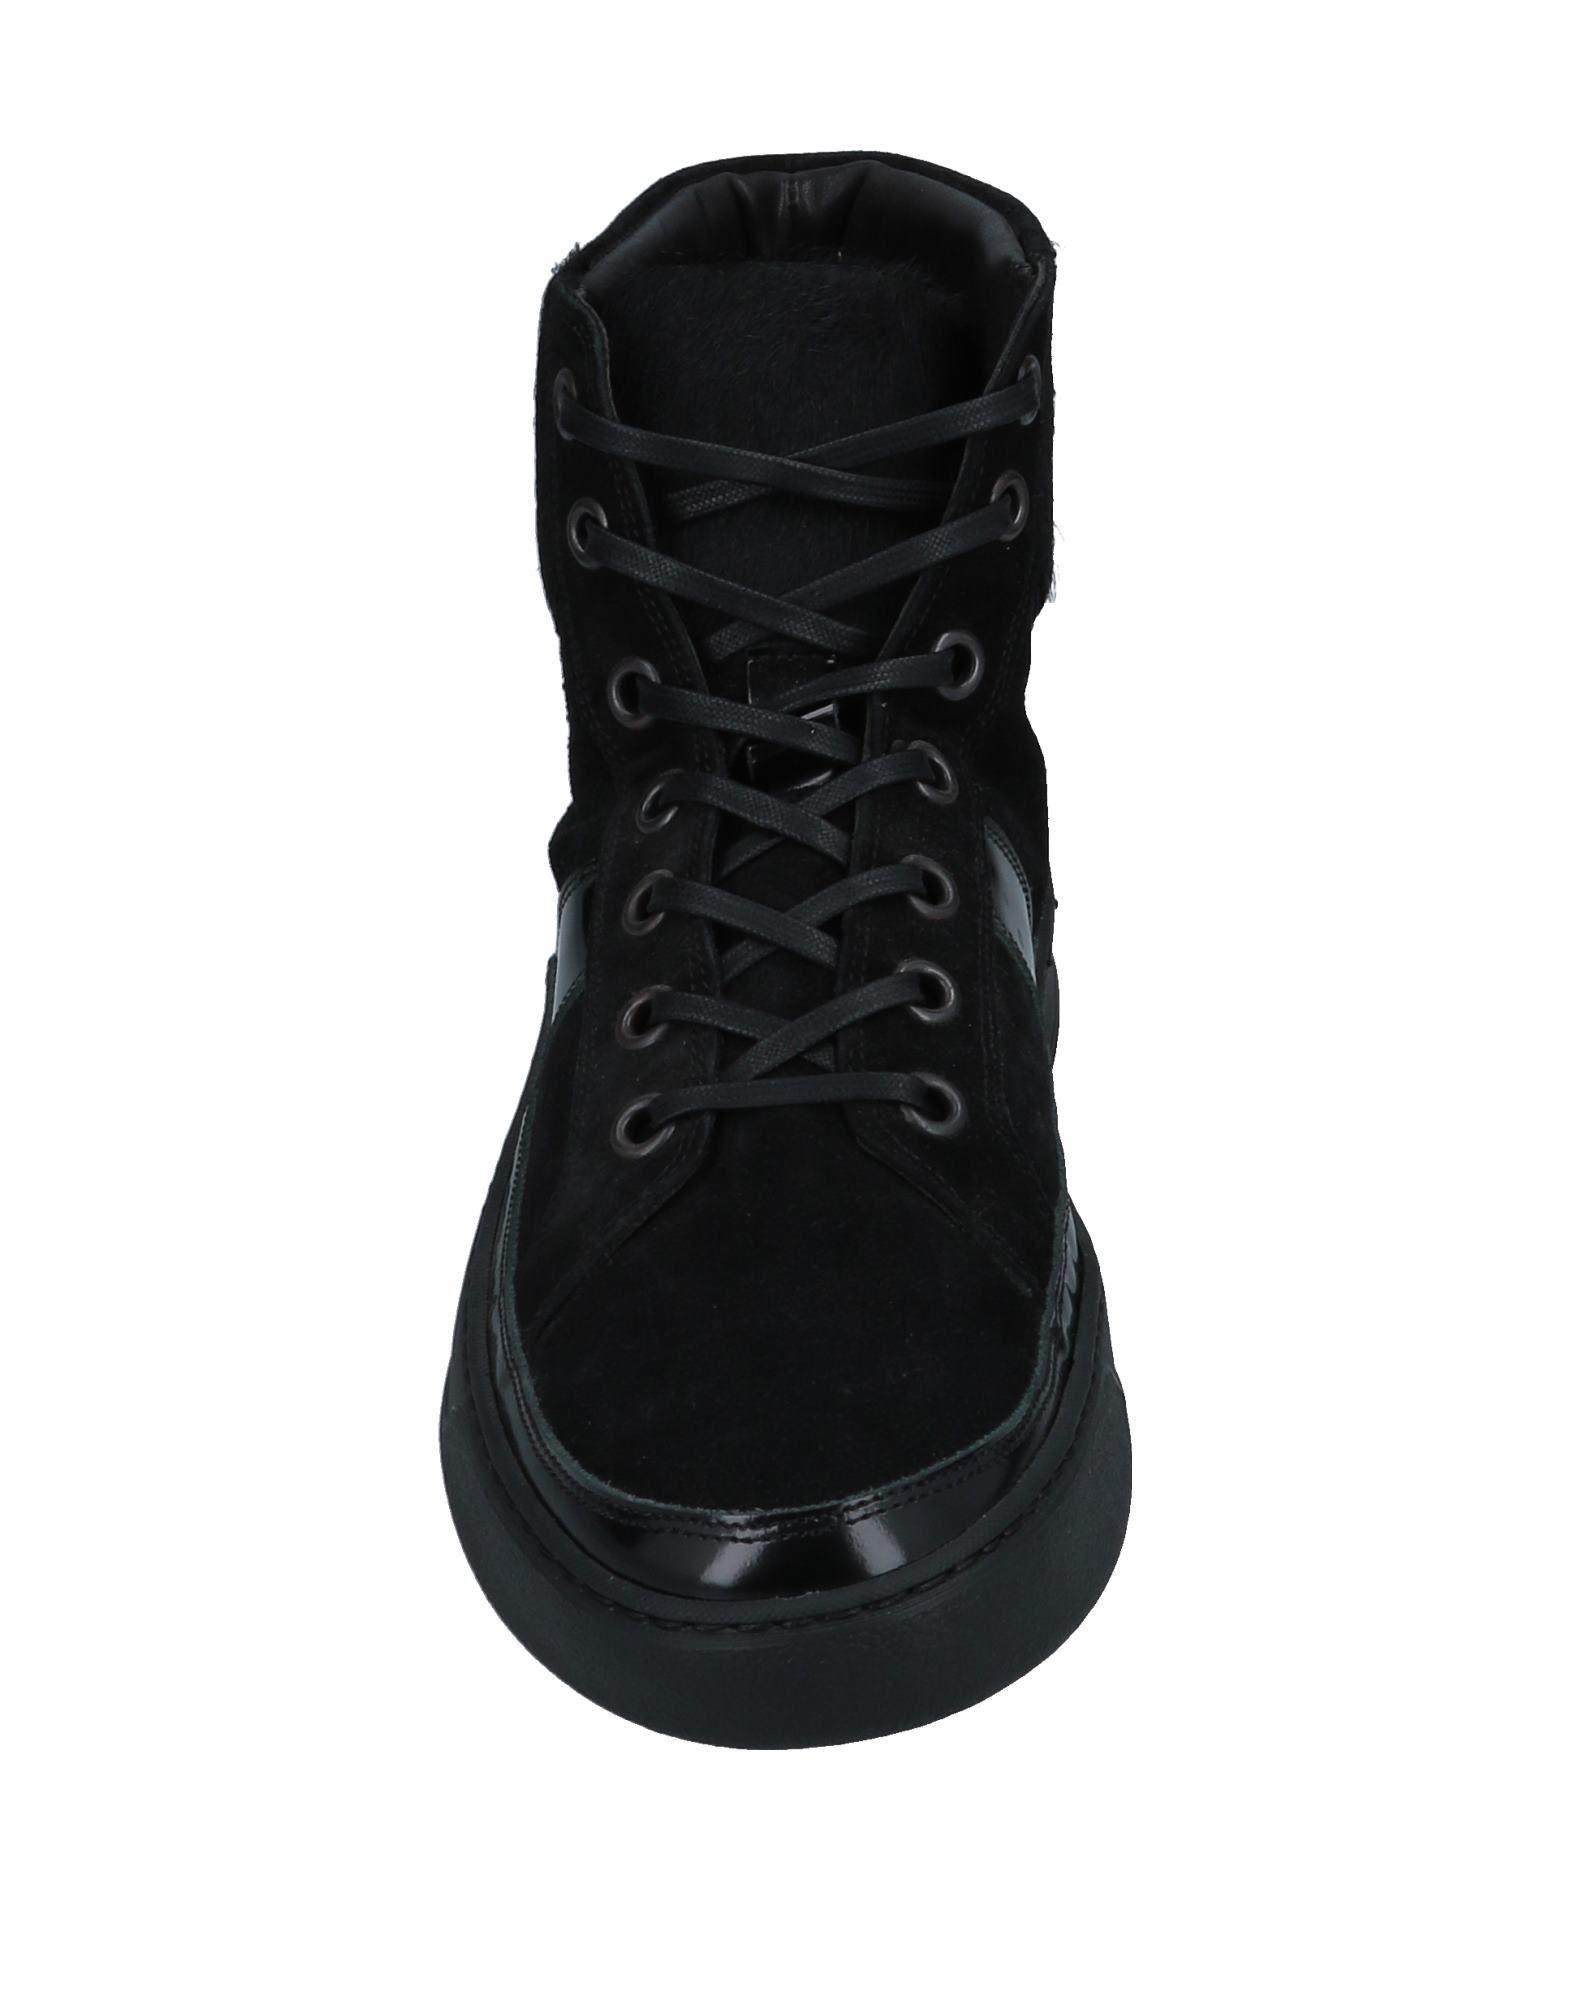 Rabatt Zileri echte Schuhe Pal Zileri Rabatt Sneakers Herren  11549426OI 533071